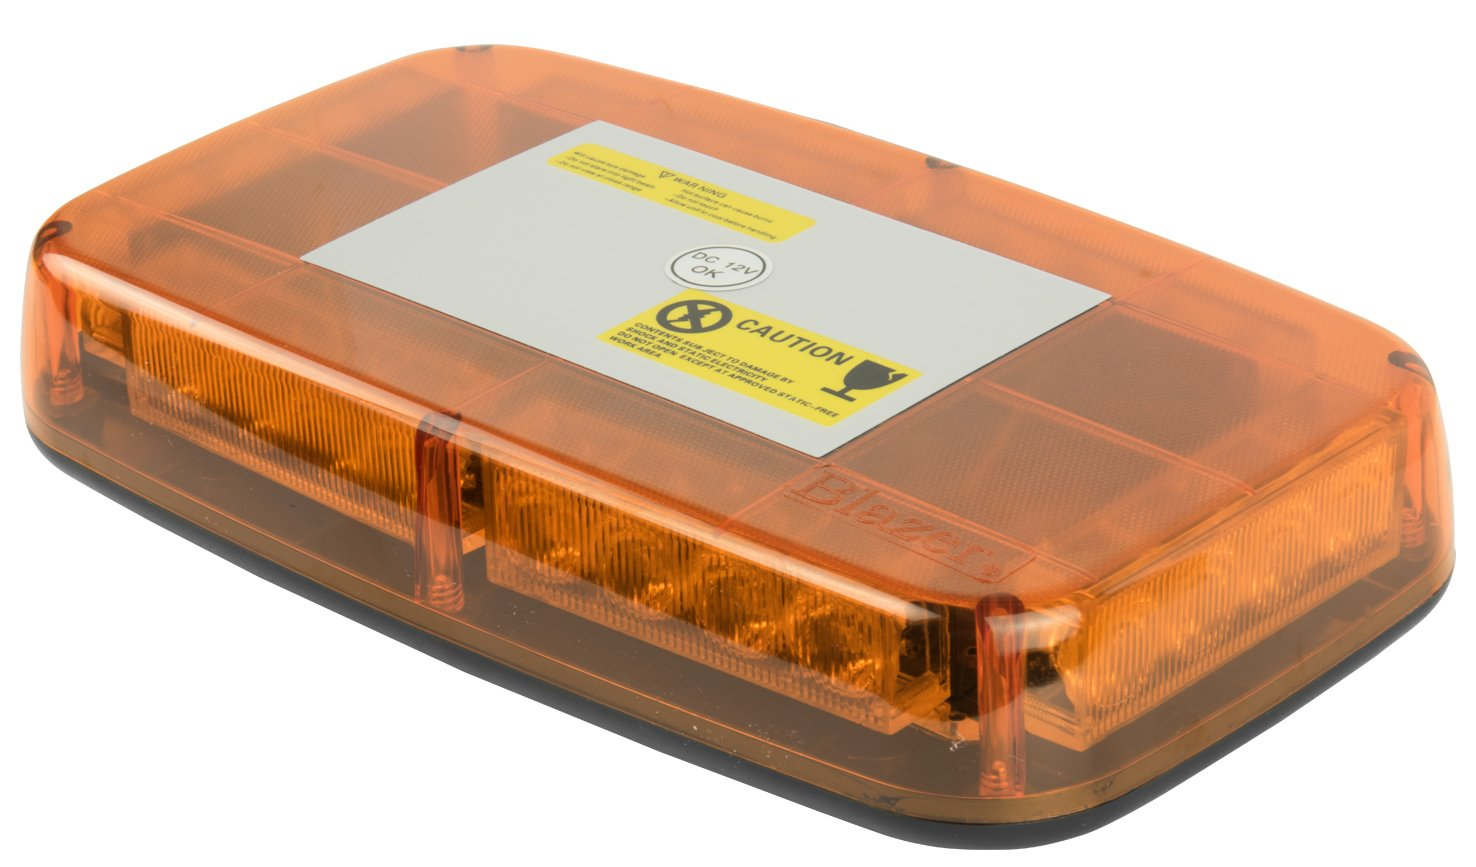 Blazer C4855AW Amber Low-Profile Warning Light Bar - Pack of 1